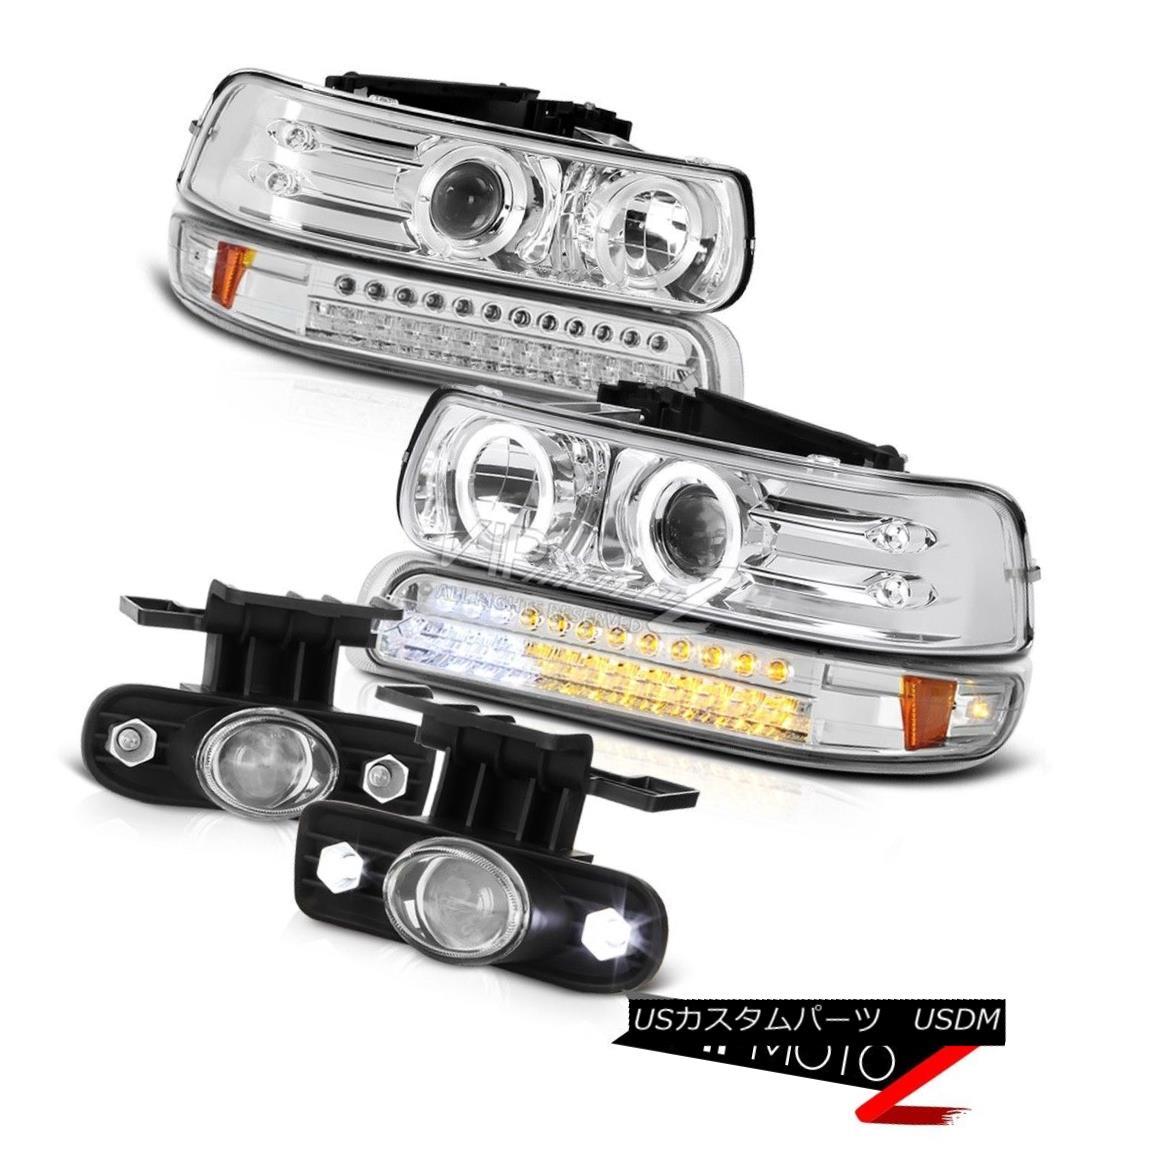 ヘッドライト 99-02 Silverado CCFL Halo Headlight Crystal LED Bumper Switch Relay Foglight 99-02 Silverado CCFL HaloヘッドライトクリスタルLEDバンパースイッチリレーFoglight